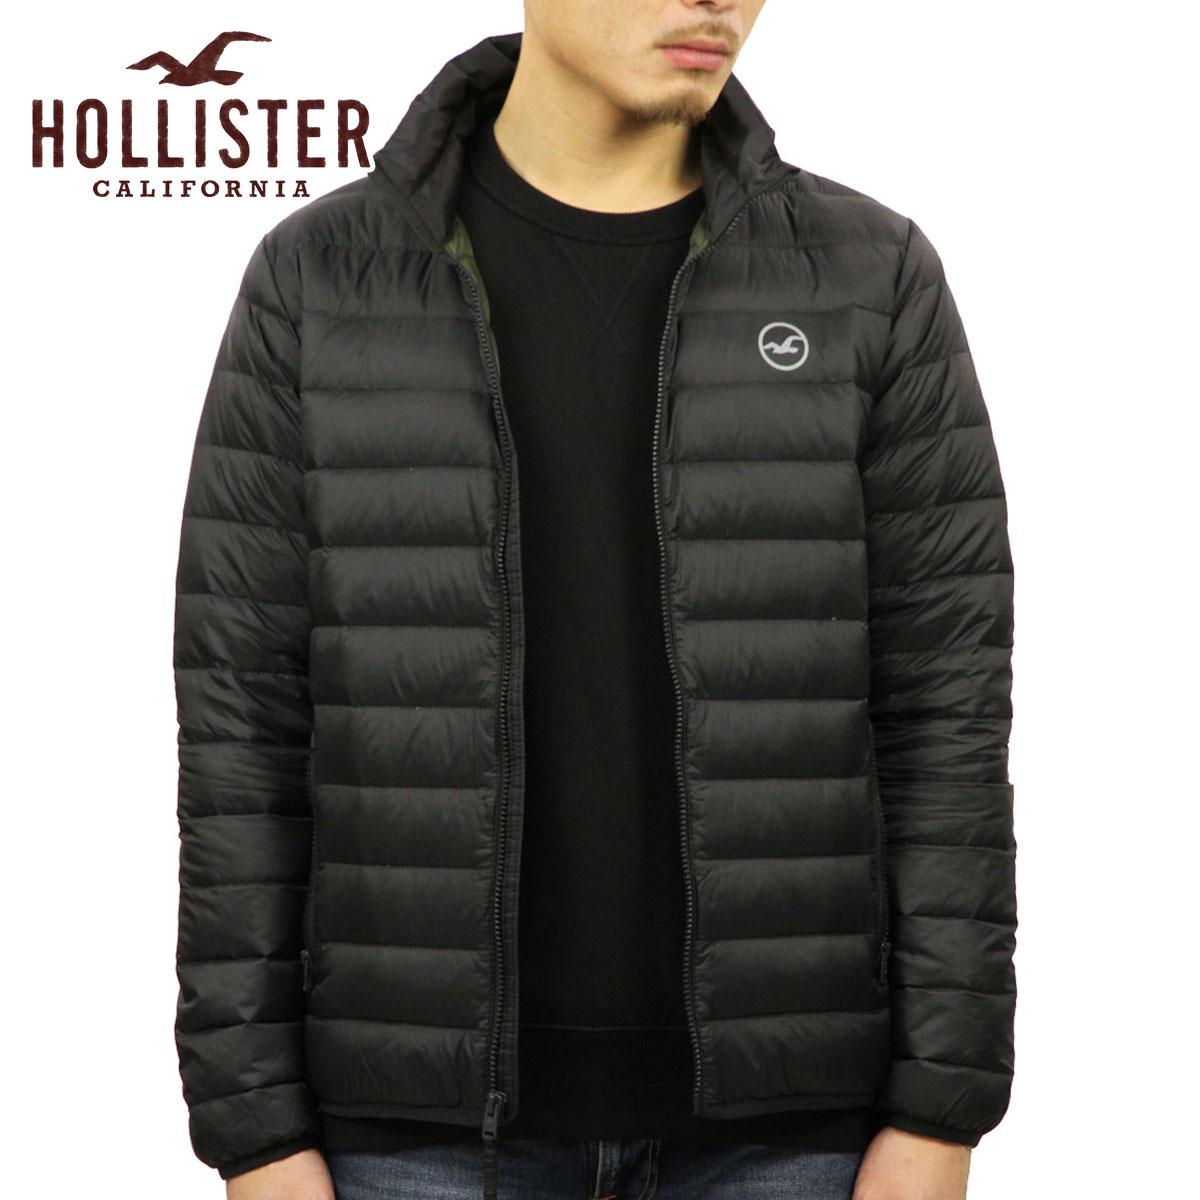 ホリスター HOLLISTER 正規品 メンズ ダウンジャケット Lightweight Down Puffer Jacket 332-328-0810-900